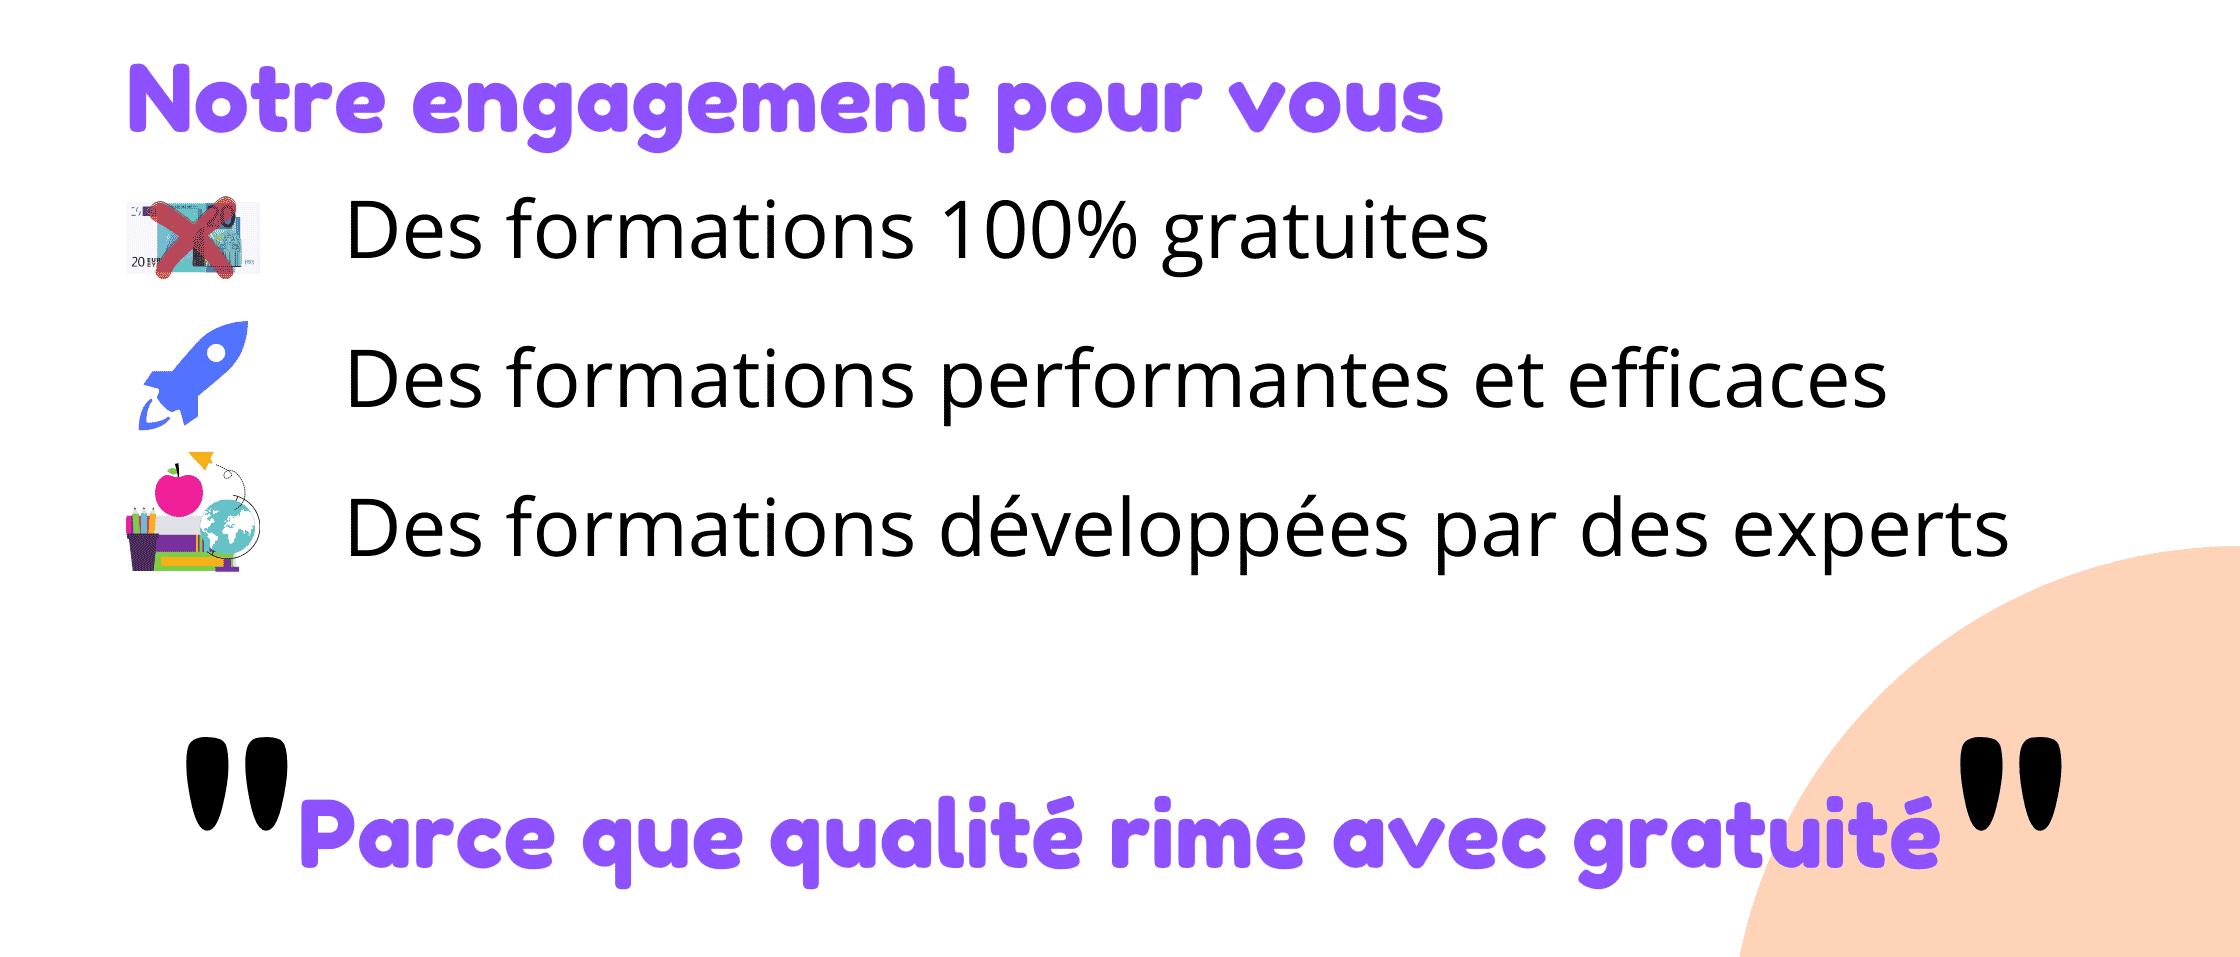 engagement qualité formation langues